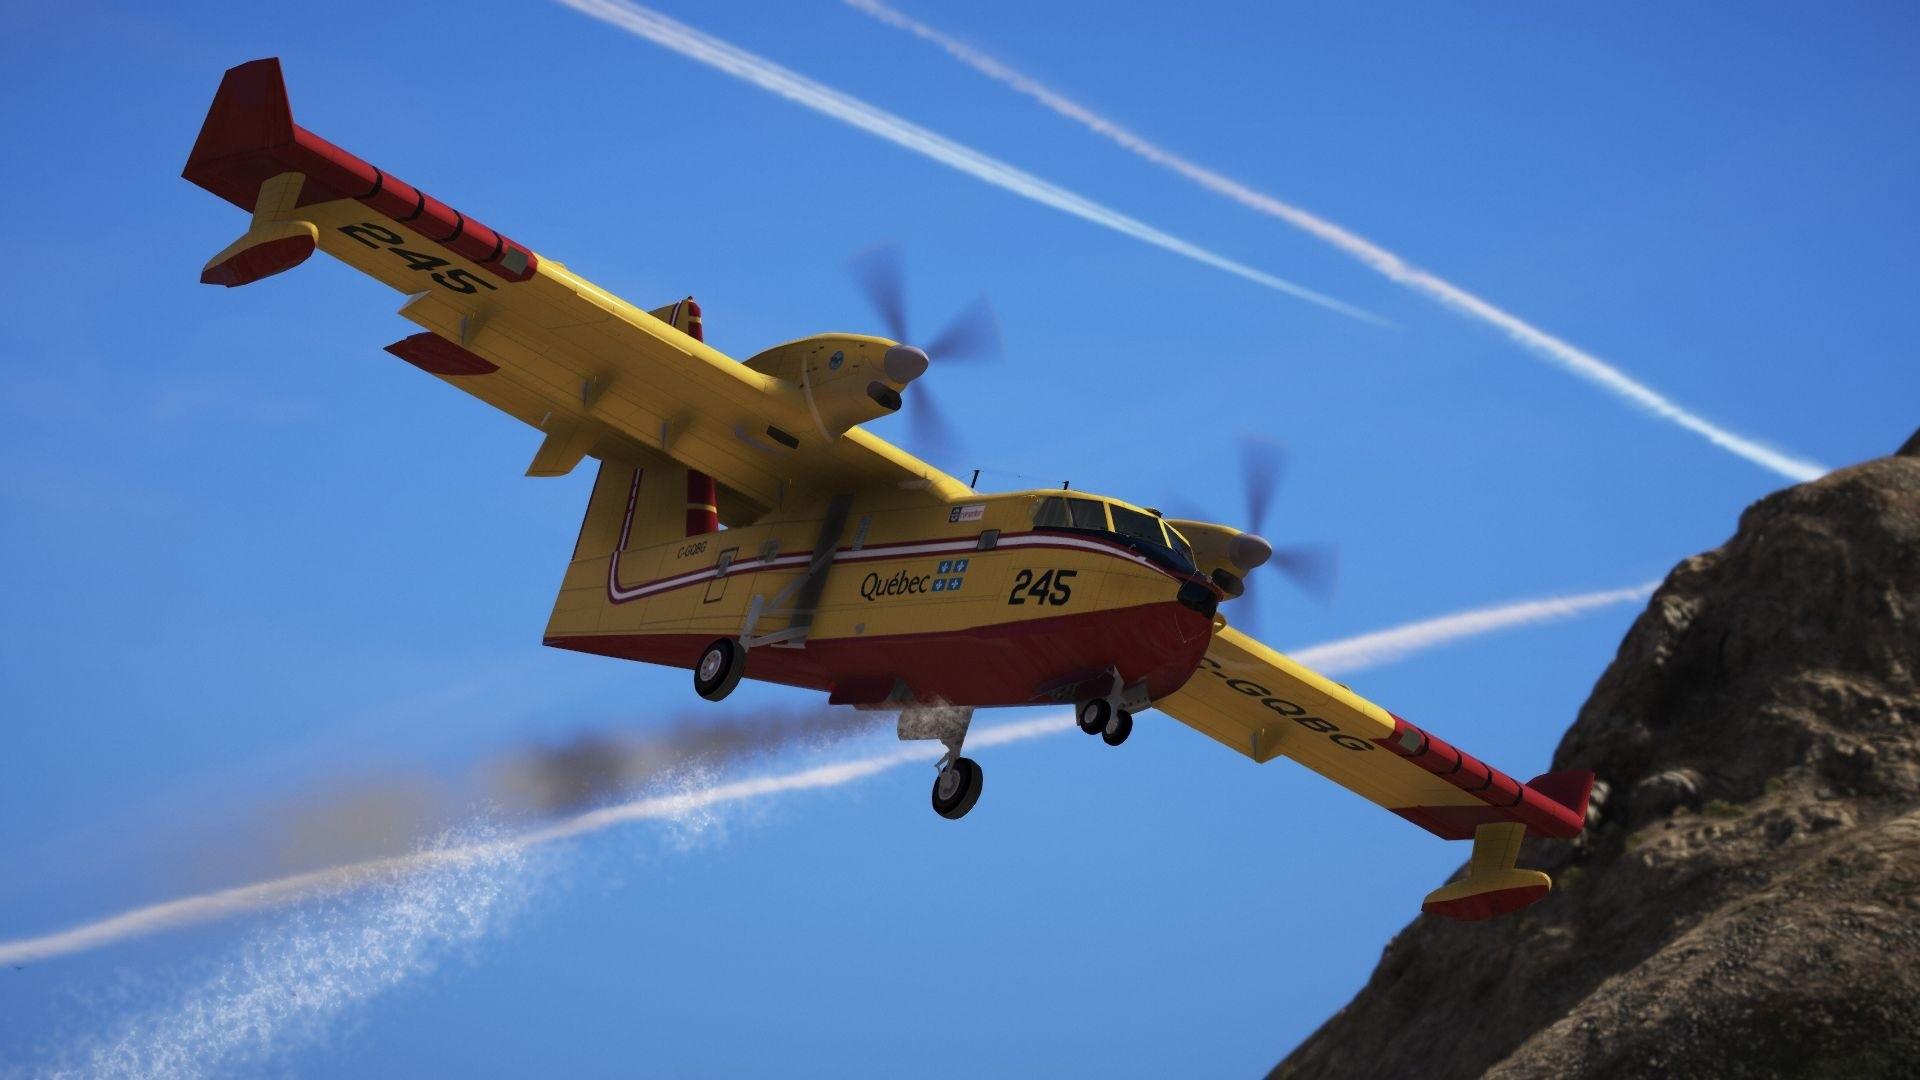 Обои амфибия, Bombardier, Самолёт, Вода. Авиация foto 16